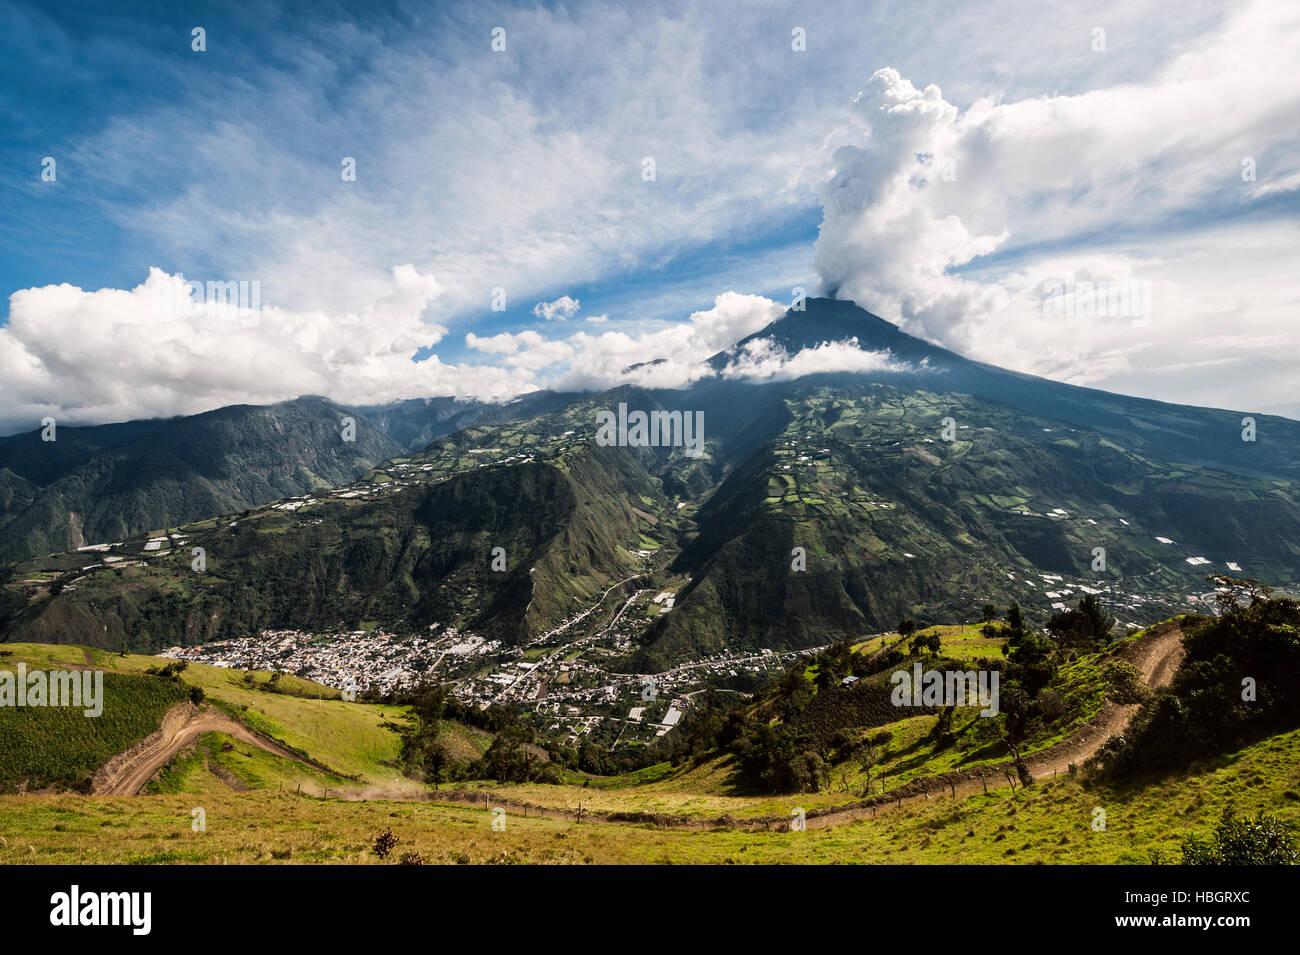 Eruzione del vulcano Tungurahua, Cordillera Occidental delle Ande Centrali di Ecuador, Sud America Immagini Stock